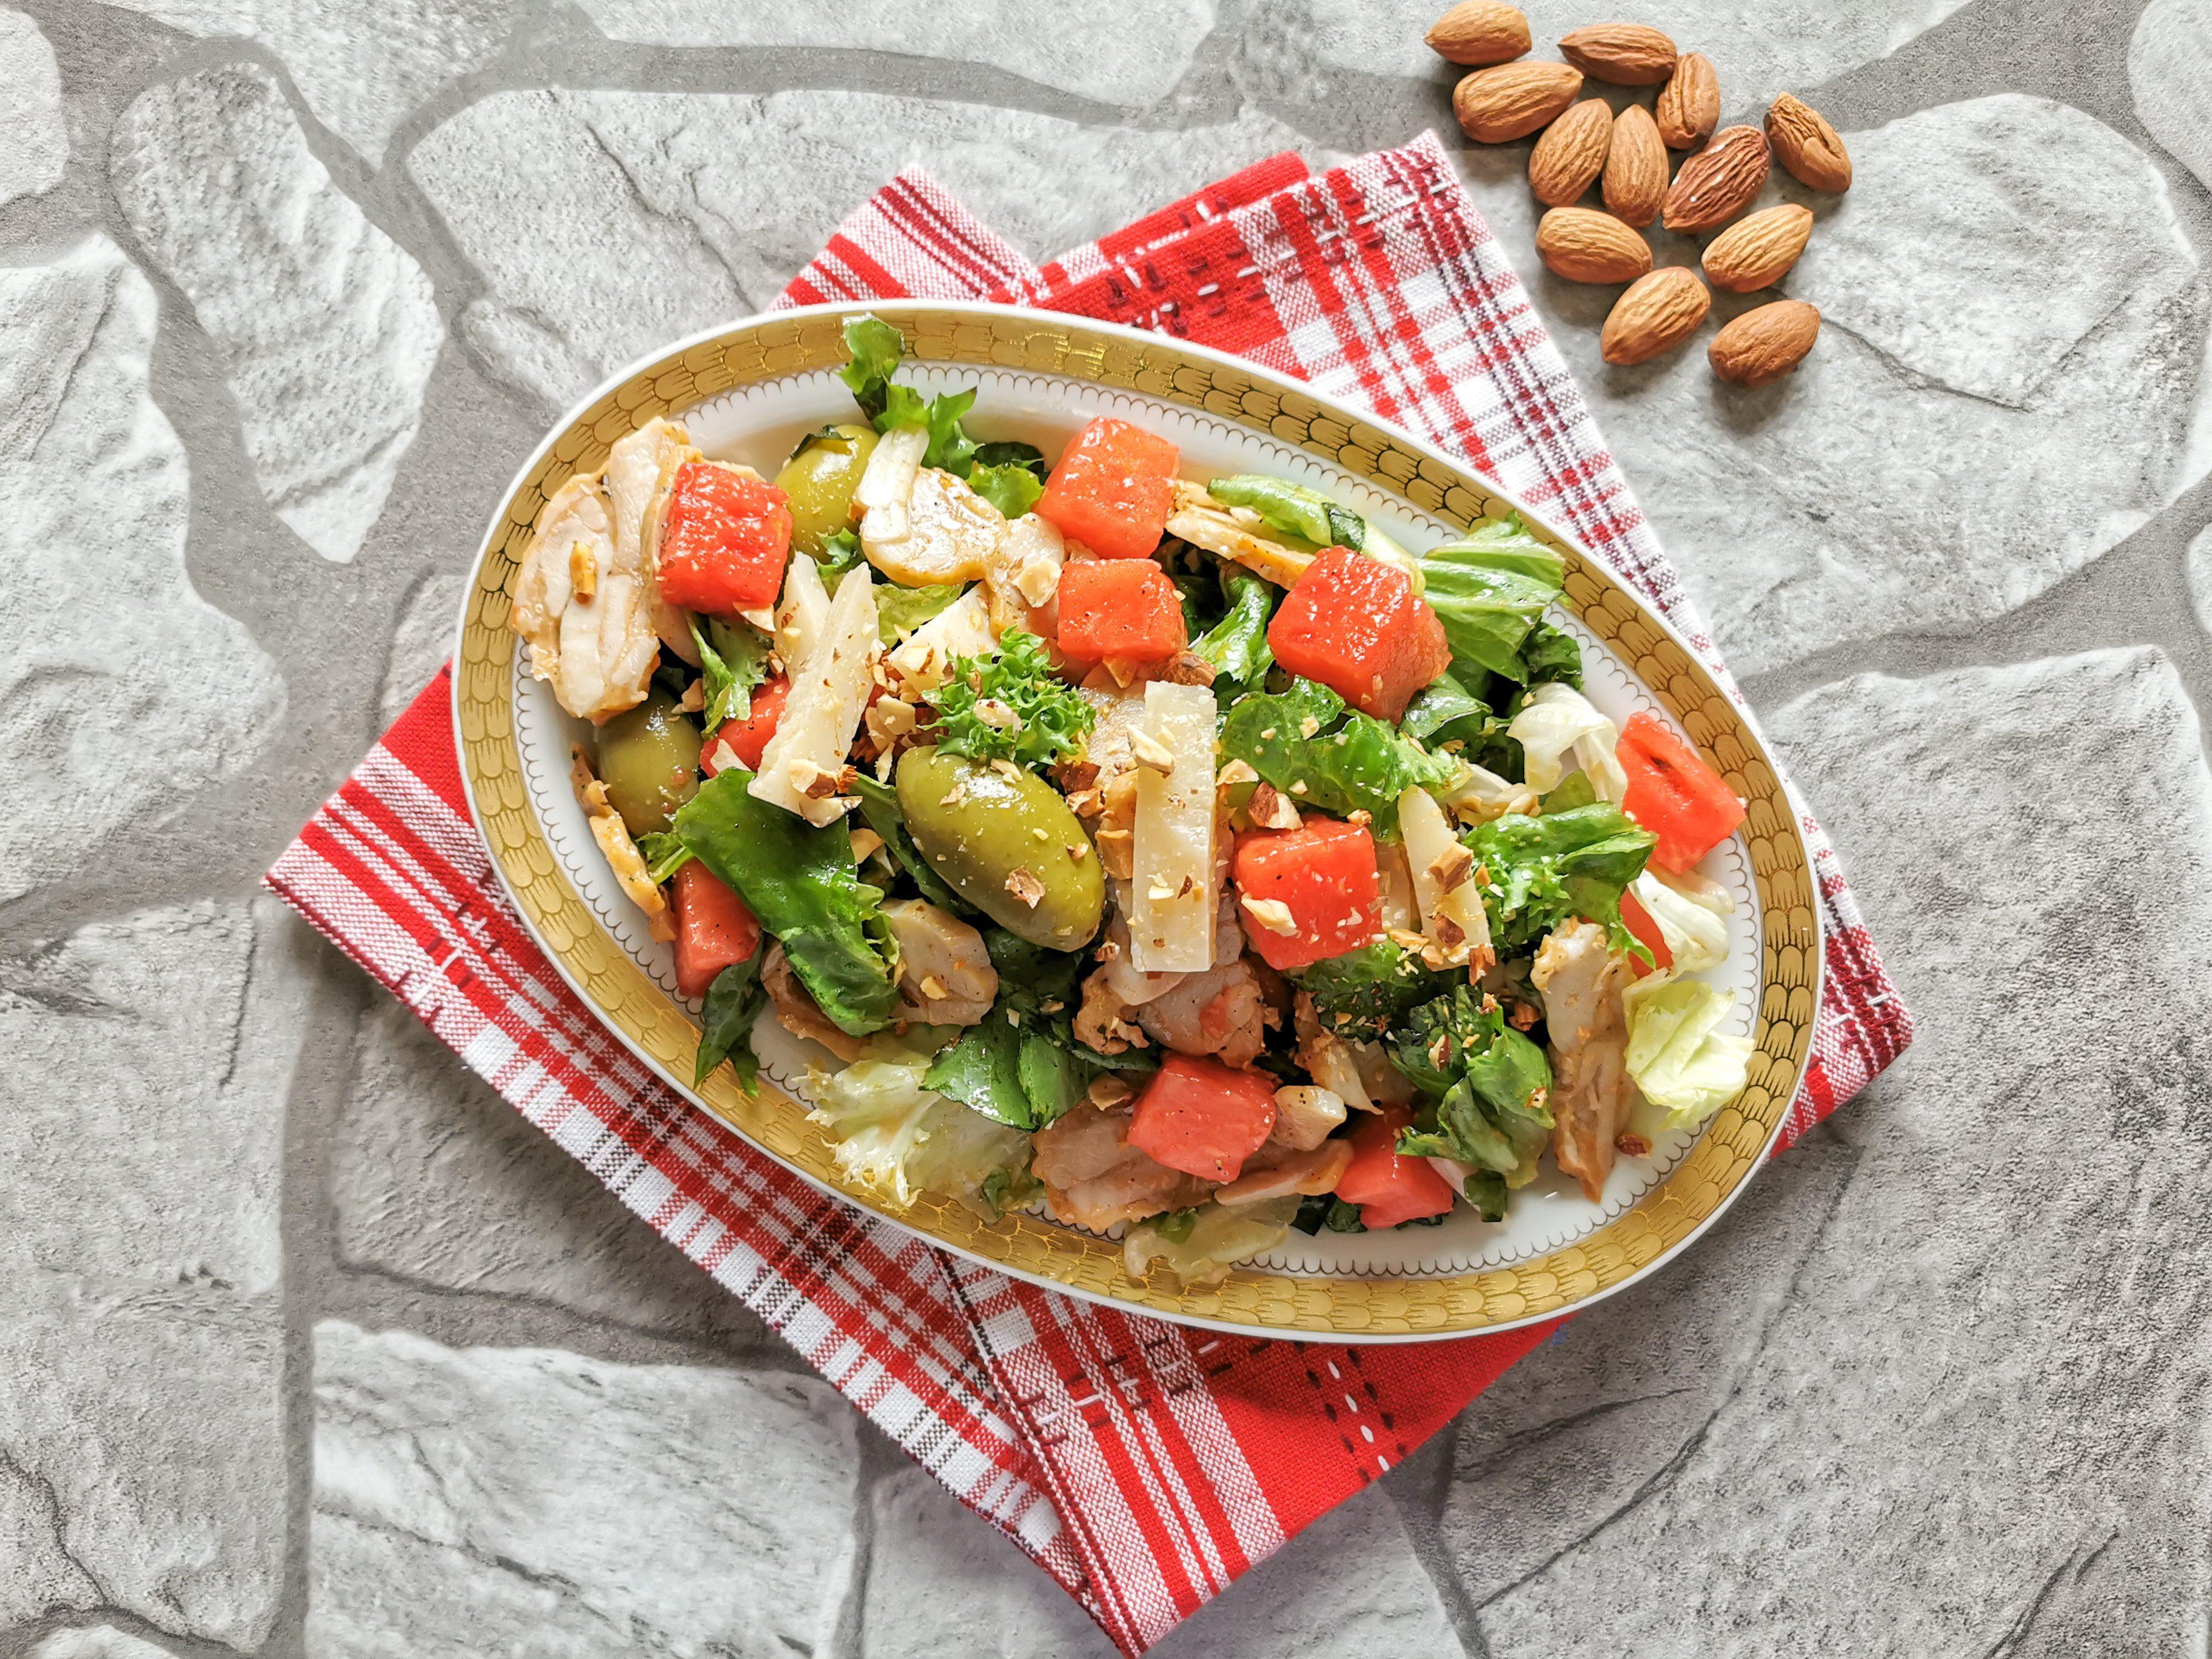 Insalata di pollo e anguria: la ricetta dell'insalata fresca e saporita